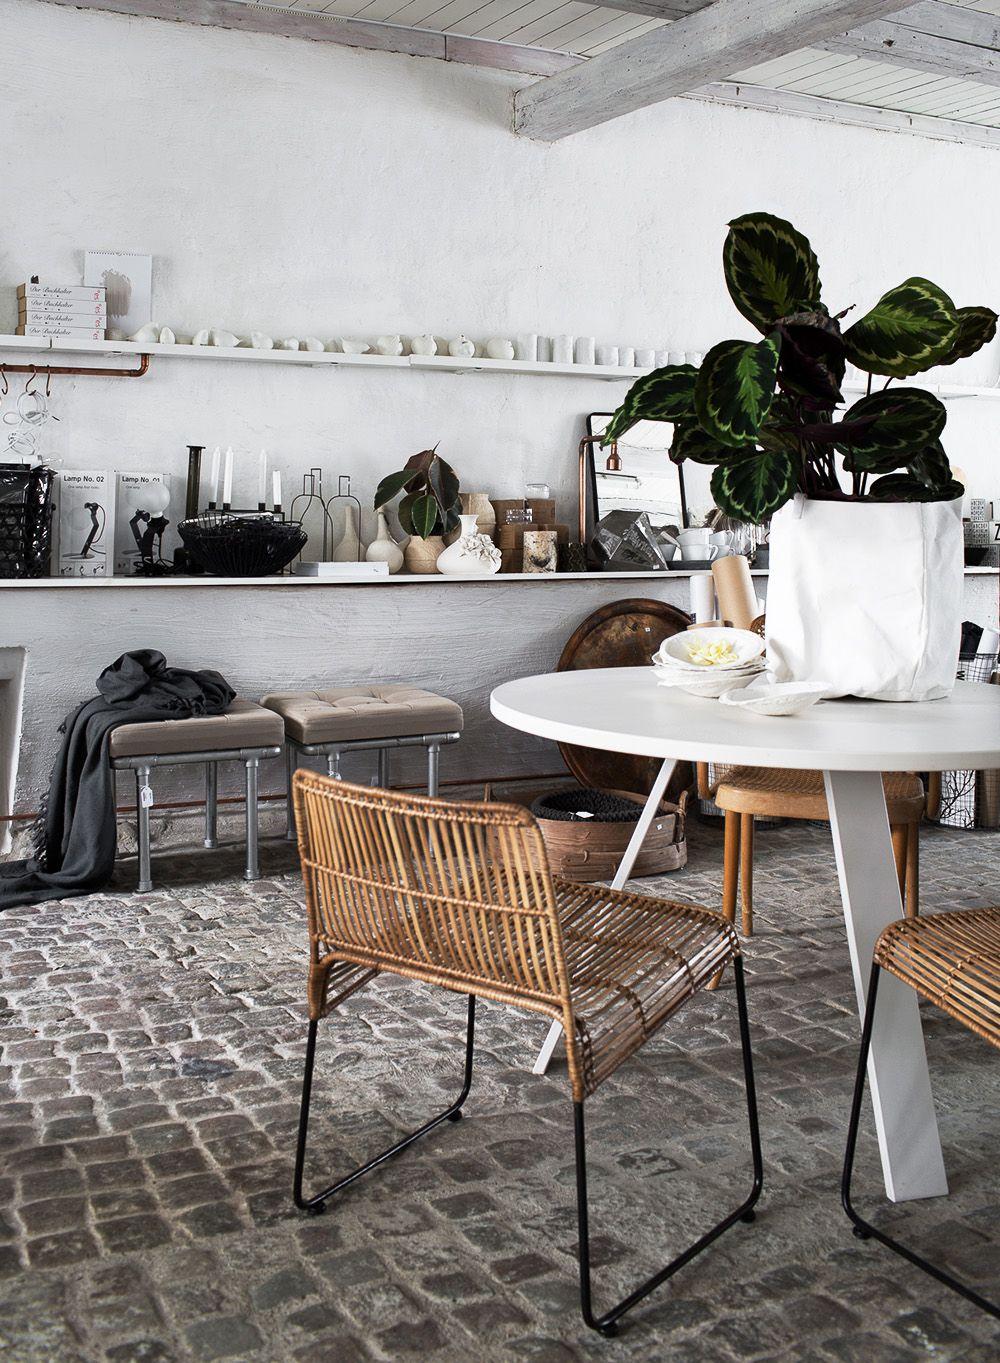 Rotin Contemporain Modern Rattan Rattan Design Les Bons Details Maison Etage Deco Planchers Modernes